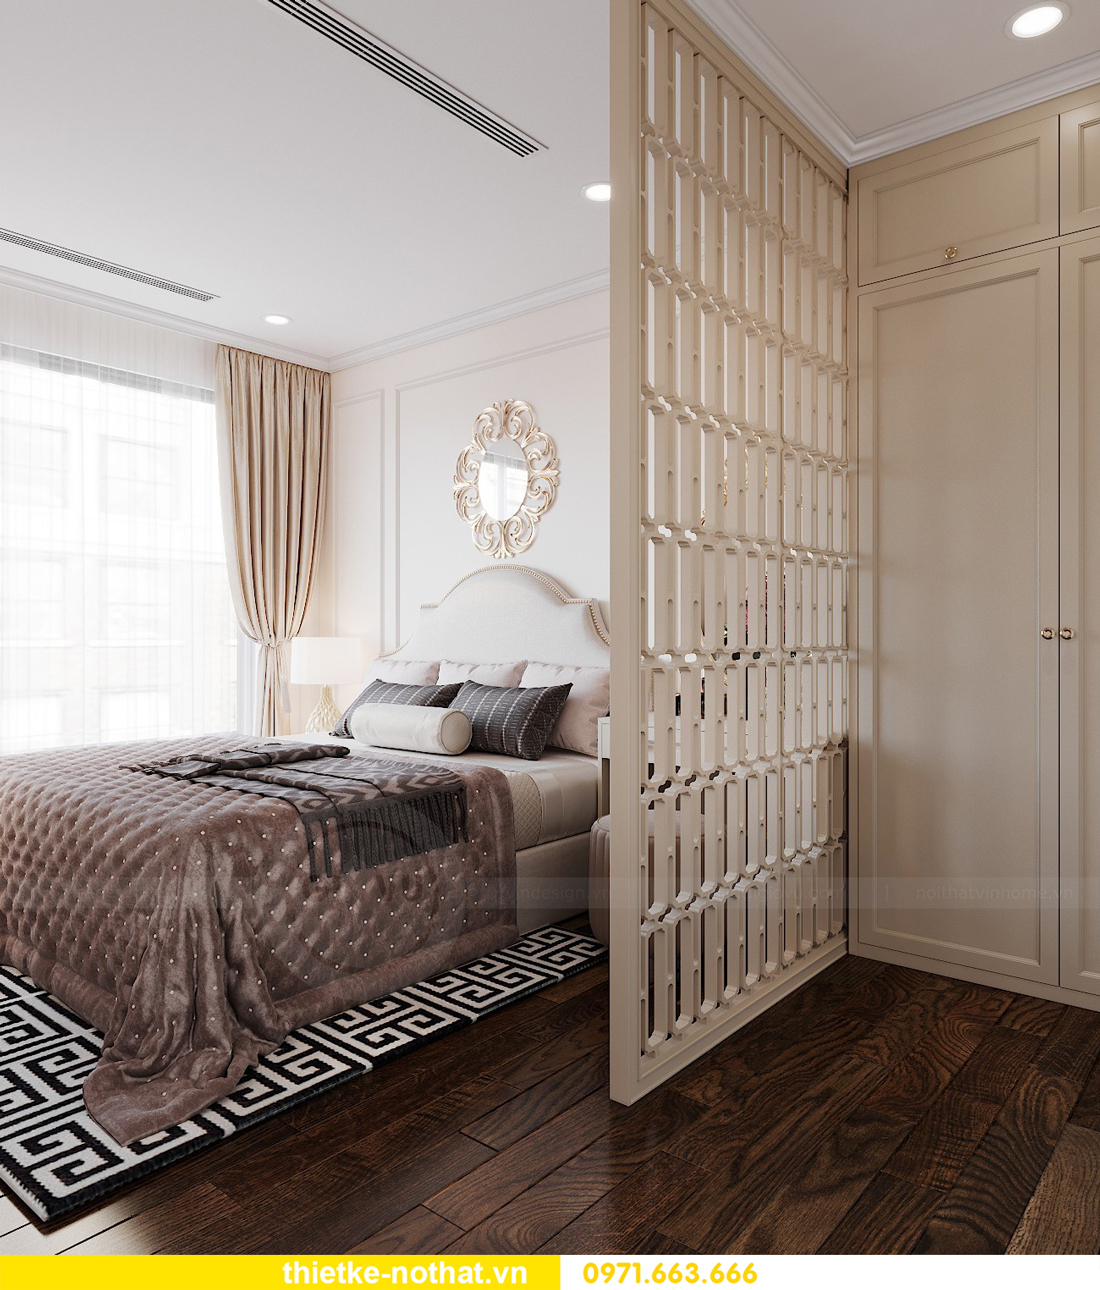 thiết kế nội thất tại Vinhomes Smart City hiện đại cuốn hút 8